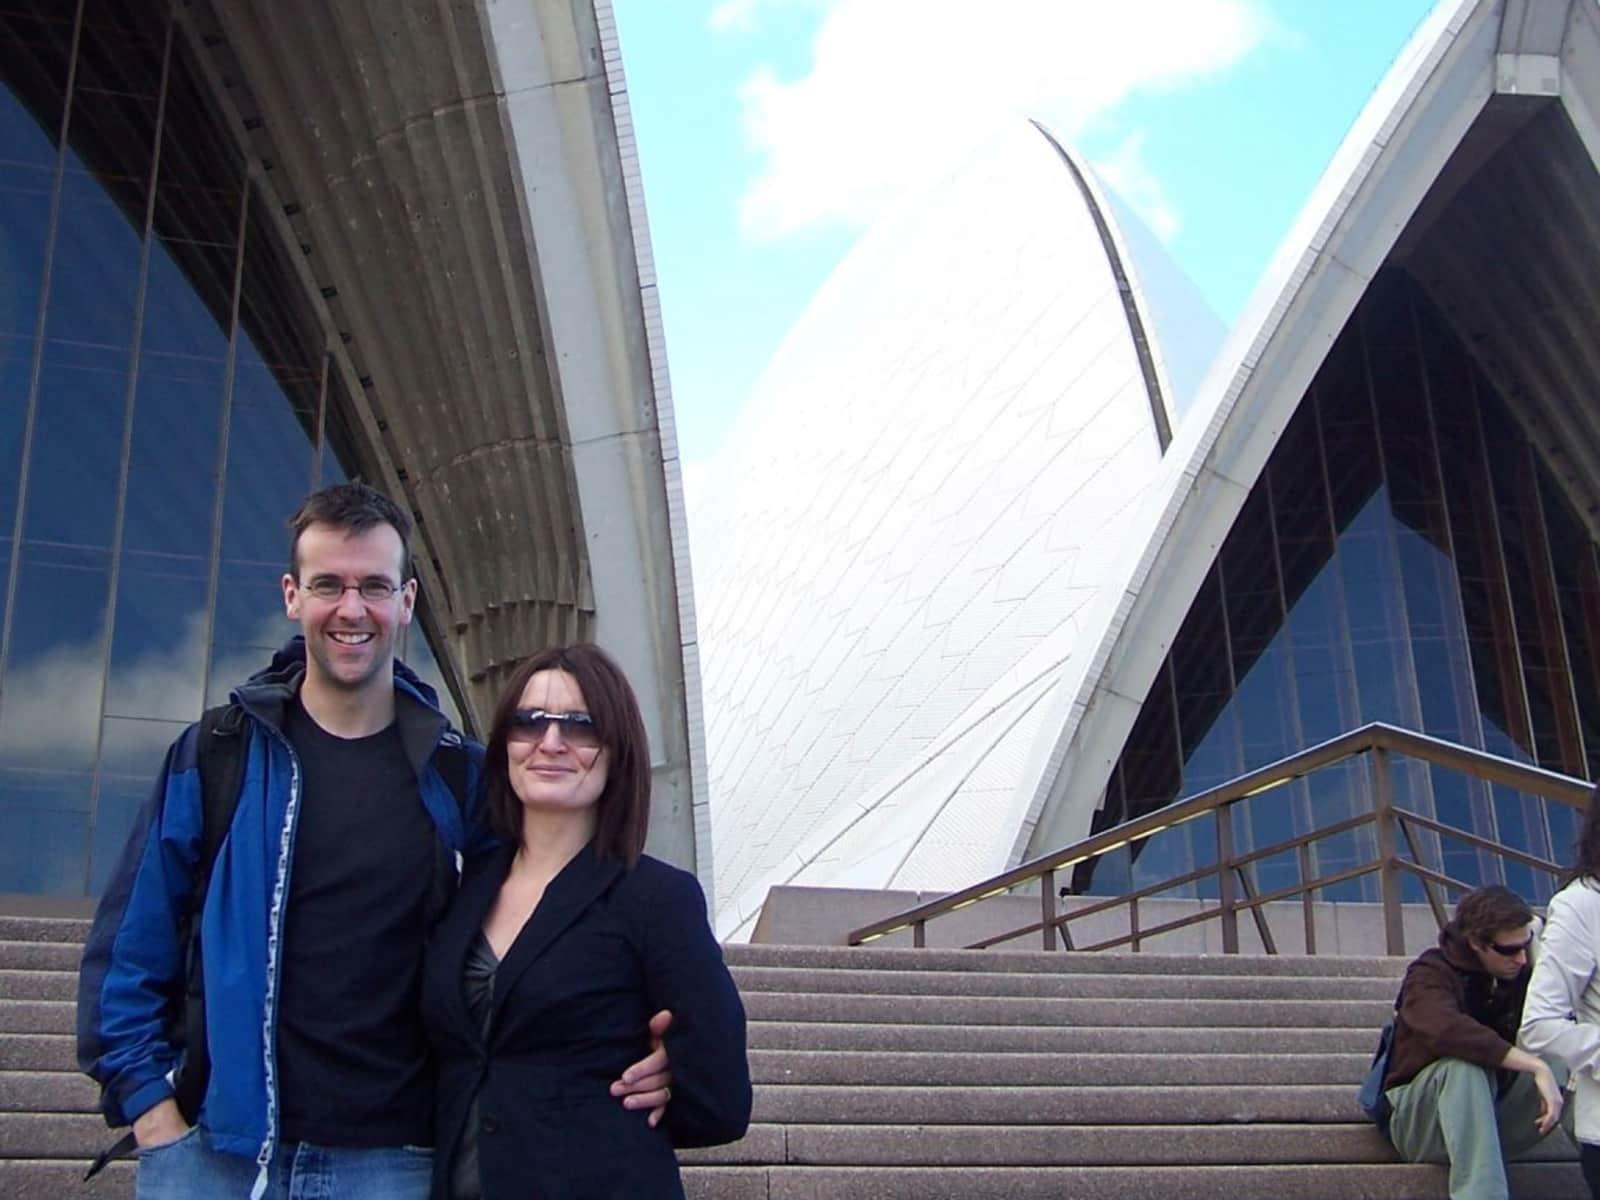 Aoife & David from Cork, Ireland